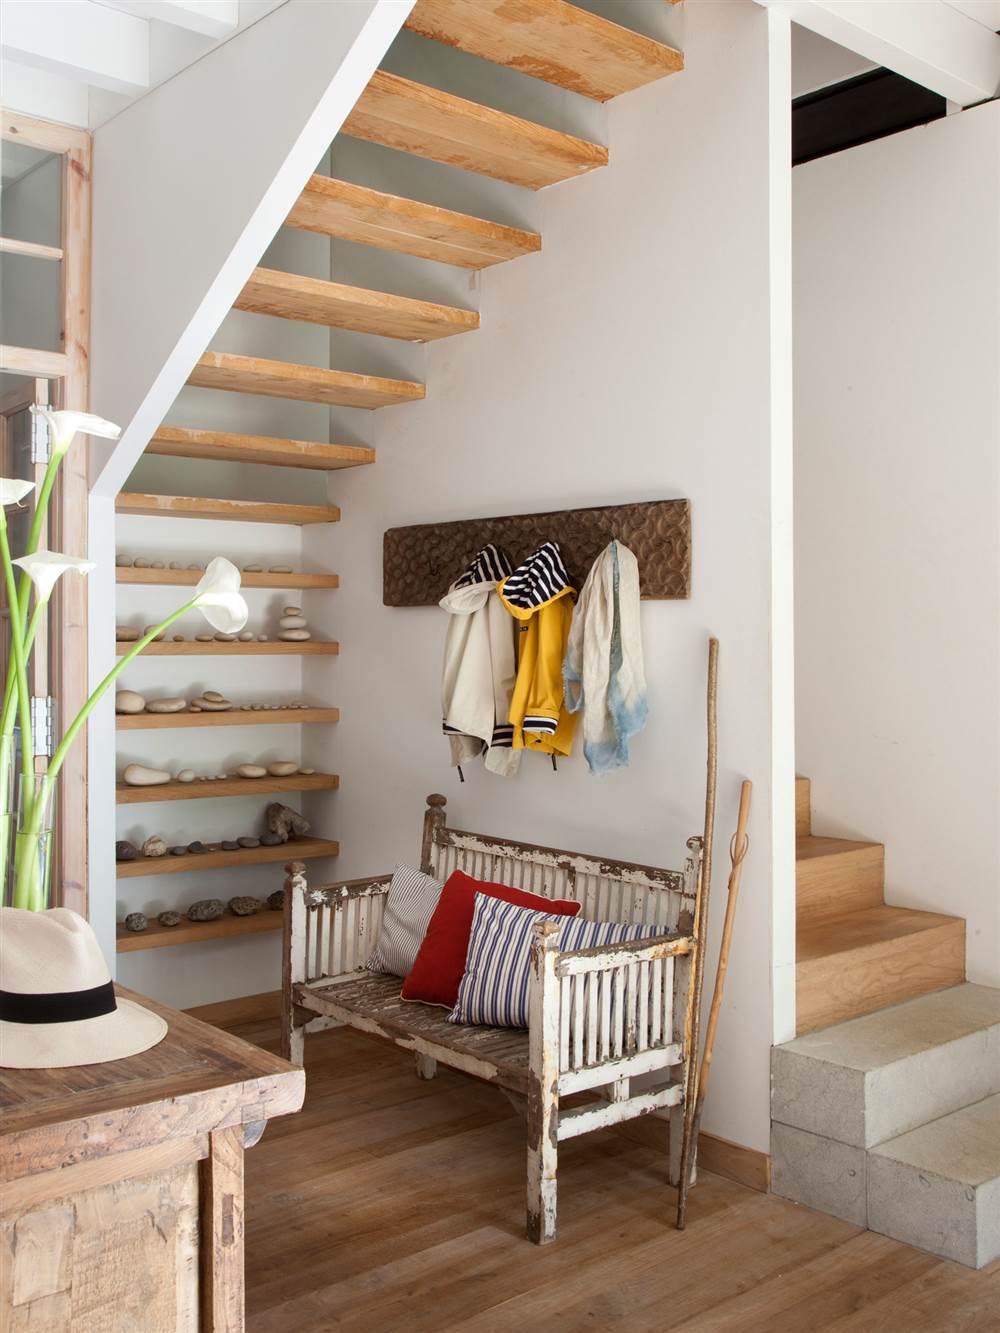 Aprovecha el hueco bajo la escalera for Muebles bajo escalera fotos